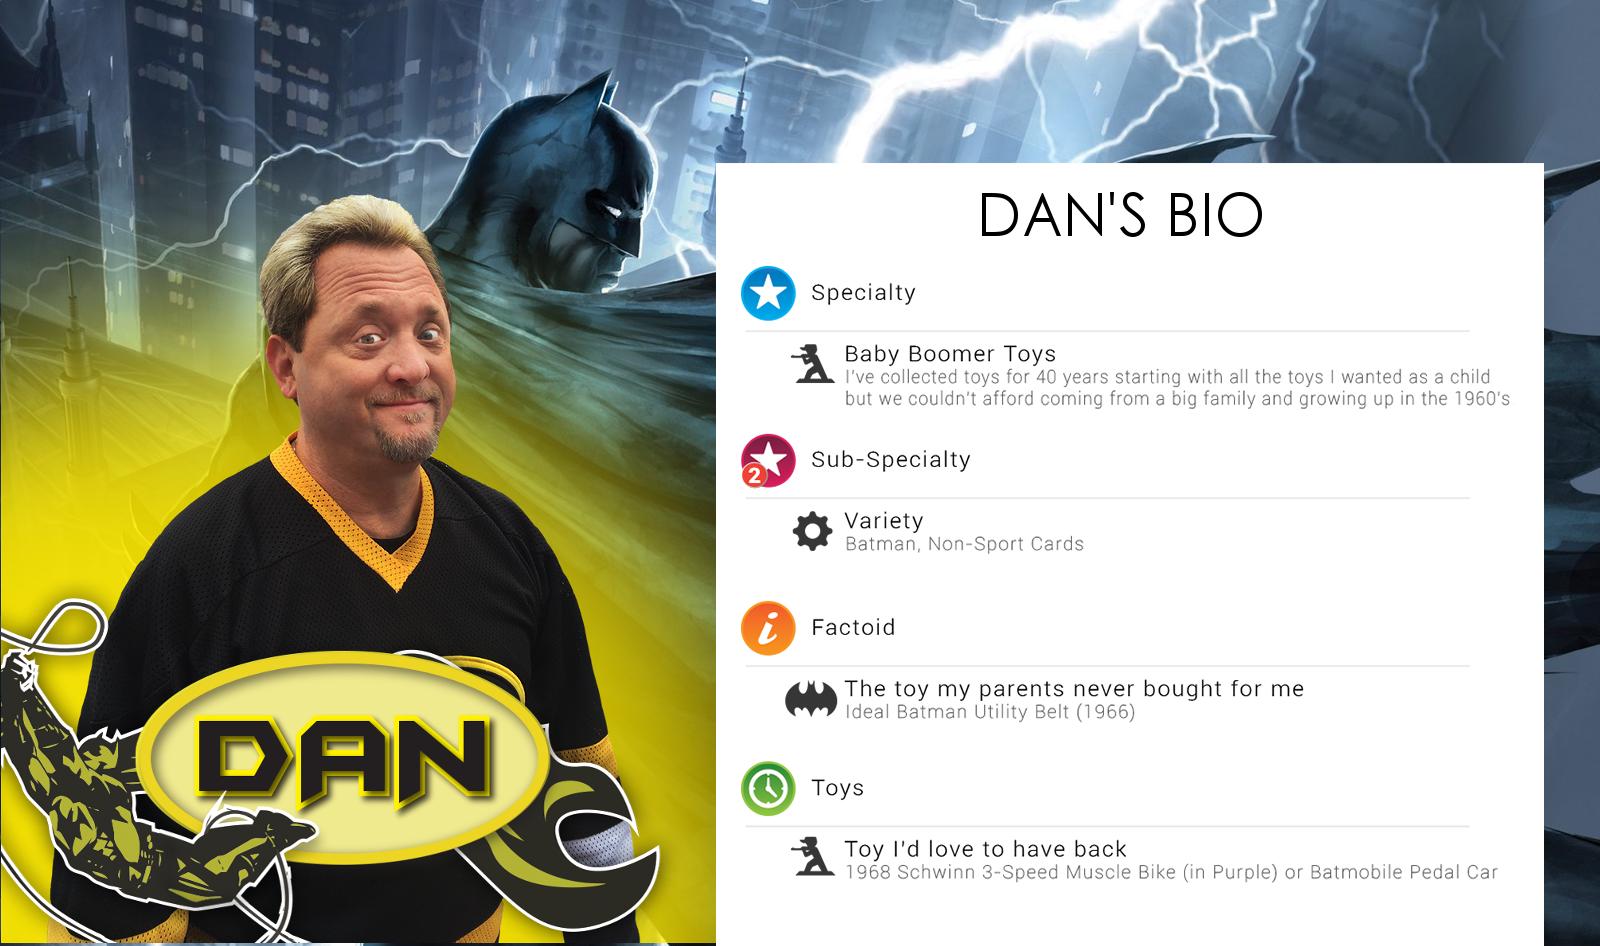 Dan's Bio